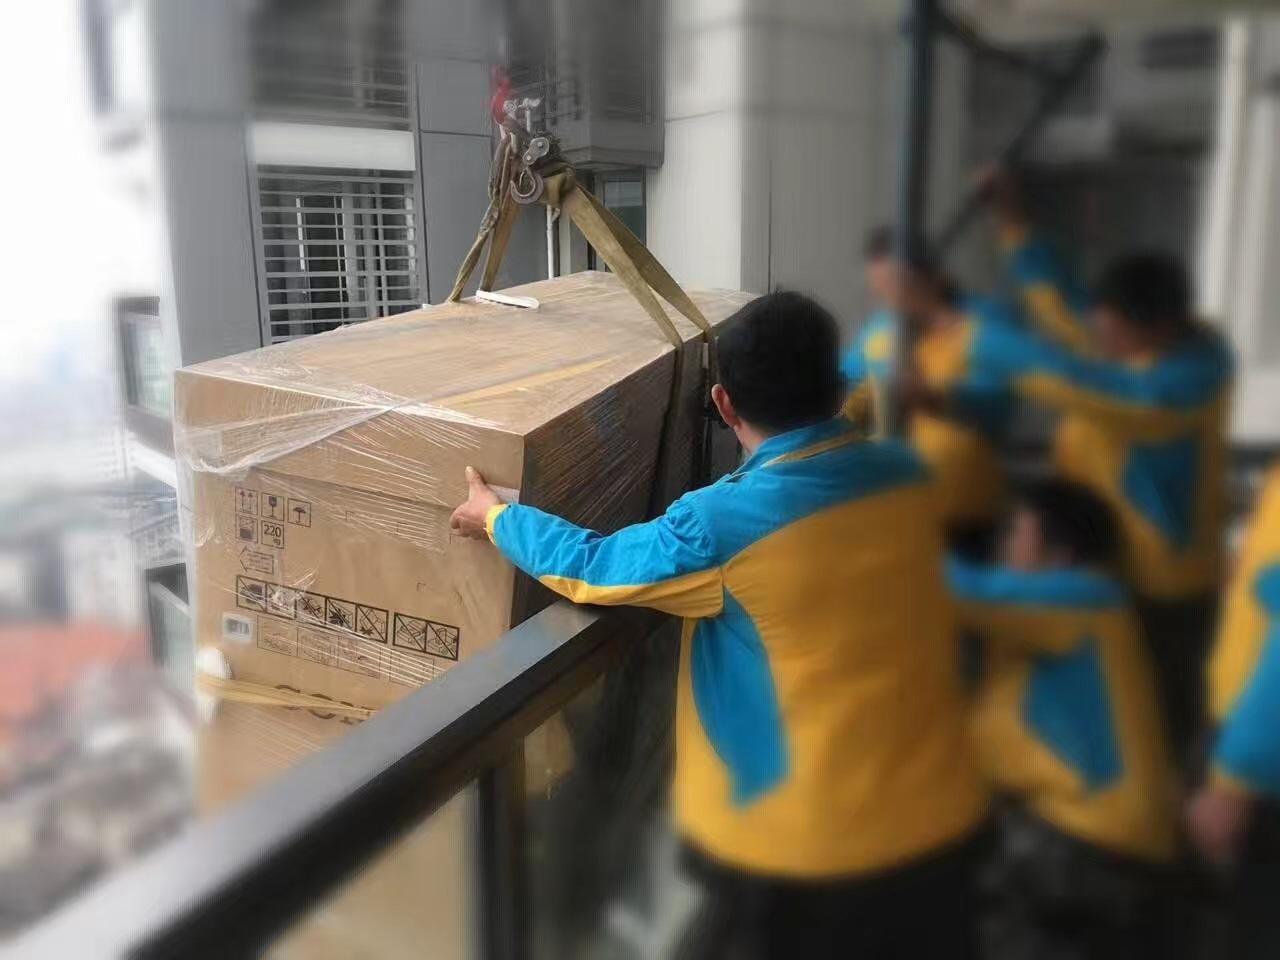 王思聪:我买下全球第一台索尼100Z9D  苏宁客户:我的才是第一台